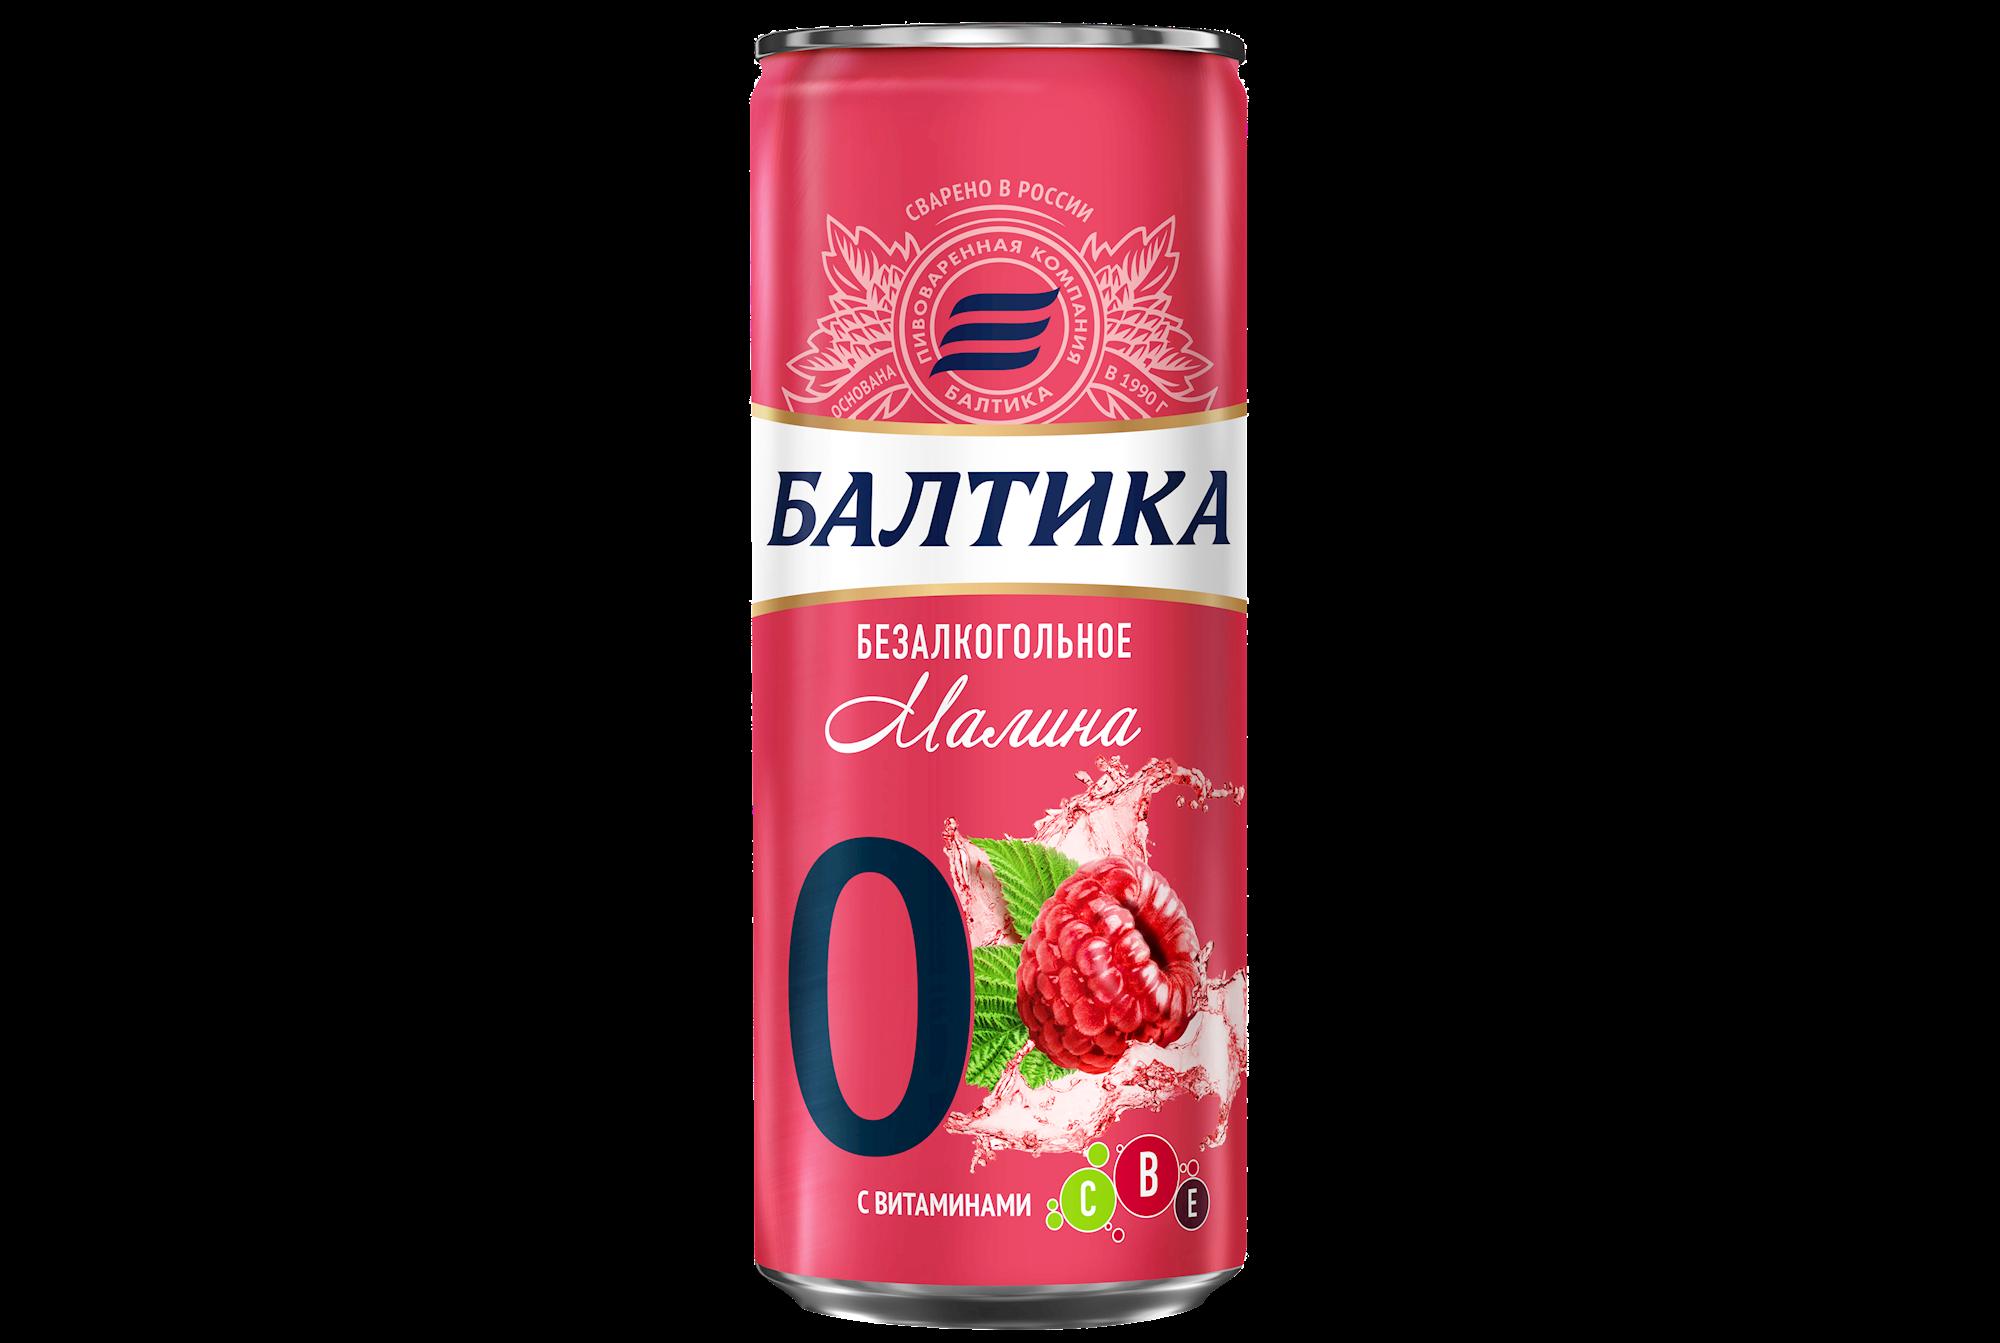 Россия. Линейка «Балтики 0» пополнилась малиновым вкусом